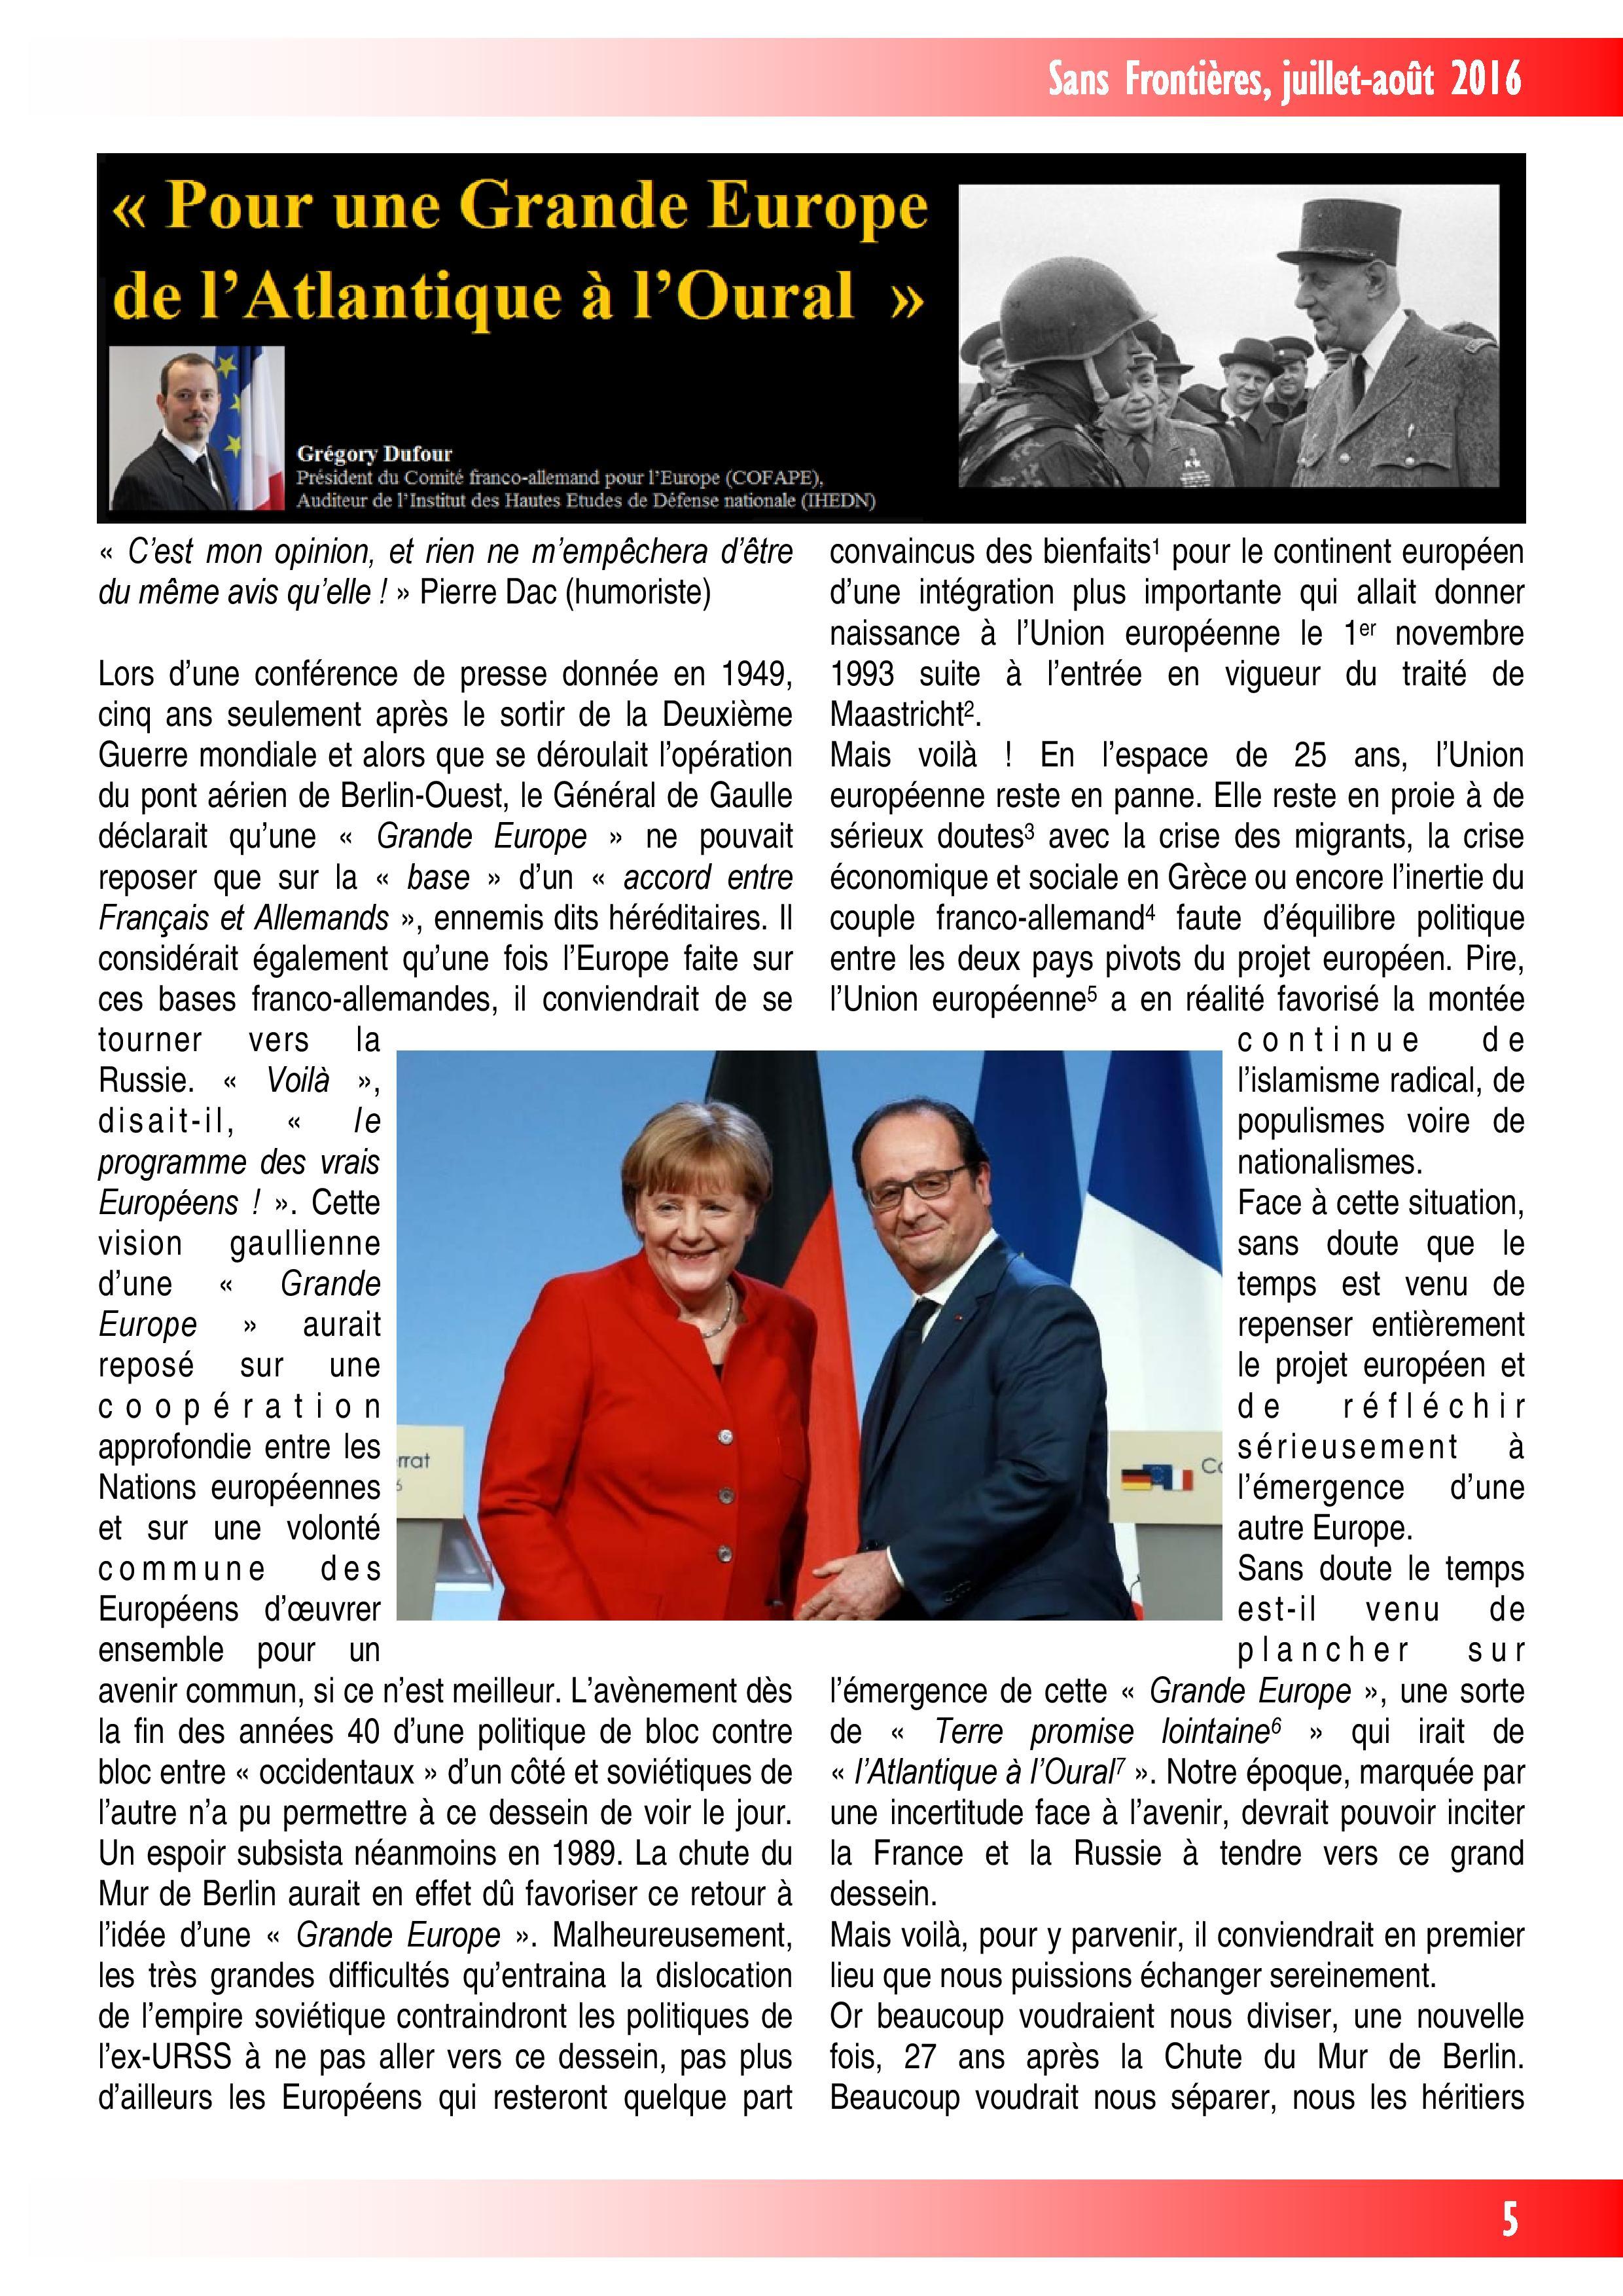 Pour une Grande Europe de l'Atlantique à l'Oural